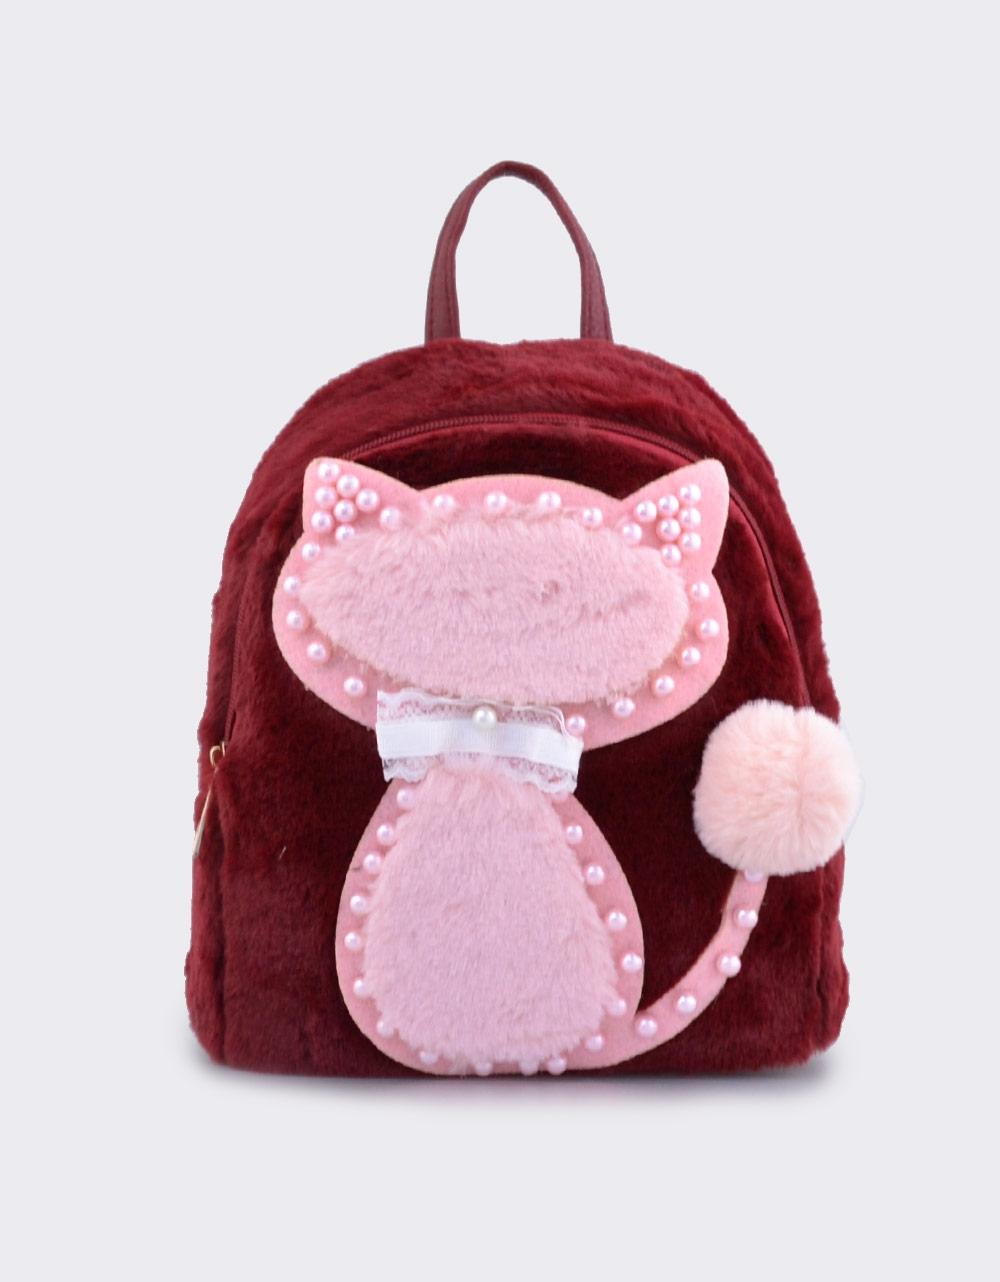 Εικόνα από Παιδικά σακίδια πλάτης με γατάκι και πέρλες Μπορντώ